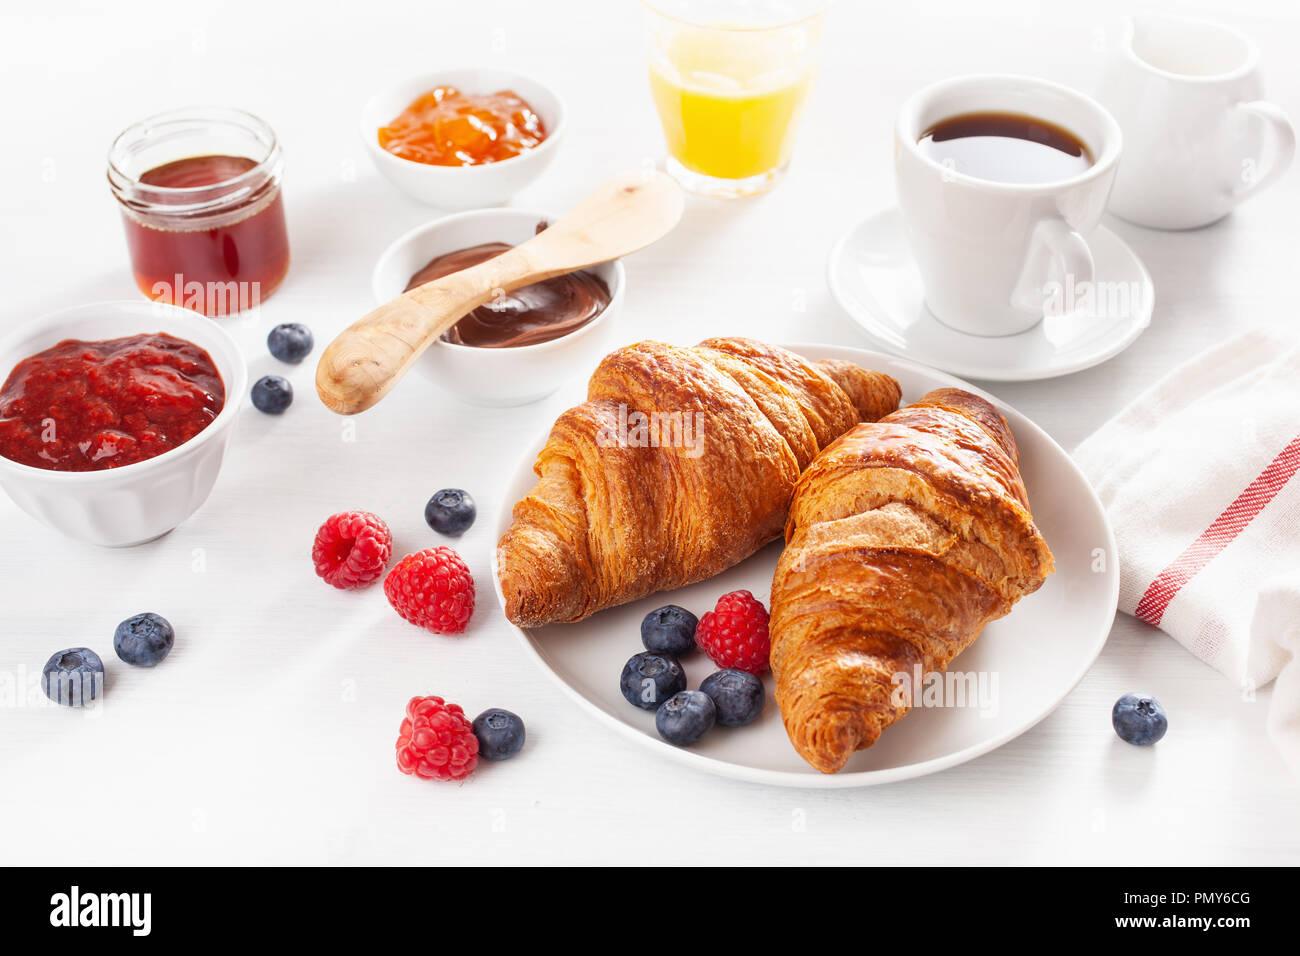 Petit déjeuner avec croissant, confiture, pâte à tartiner au chocolat et café Photo Stock